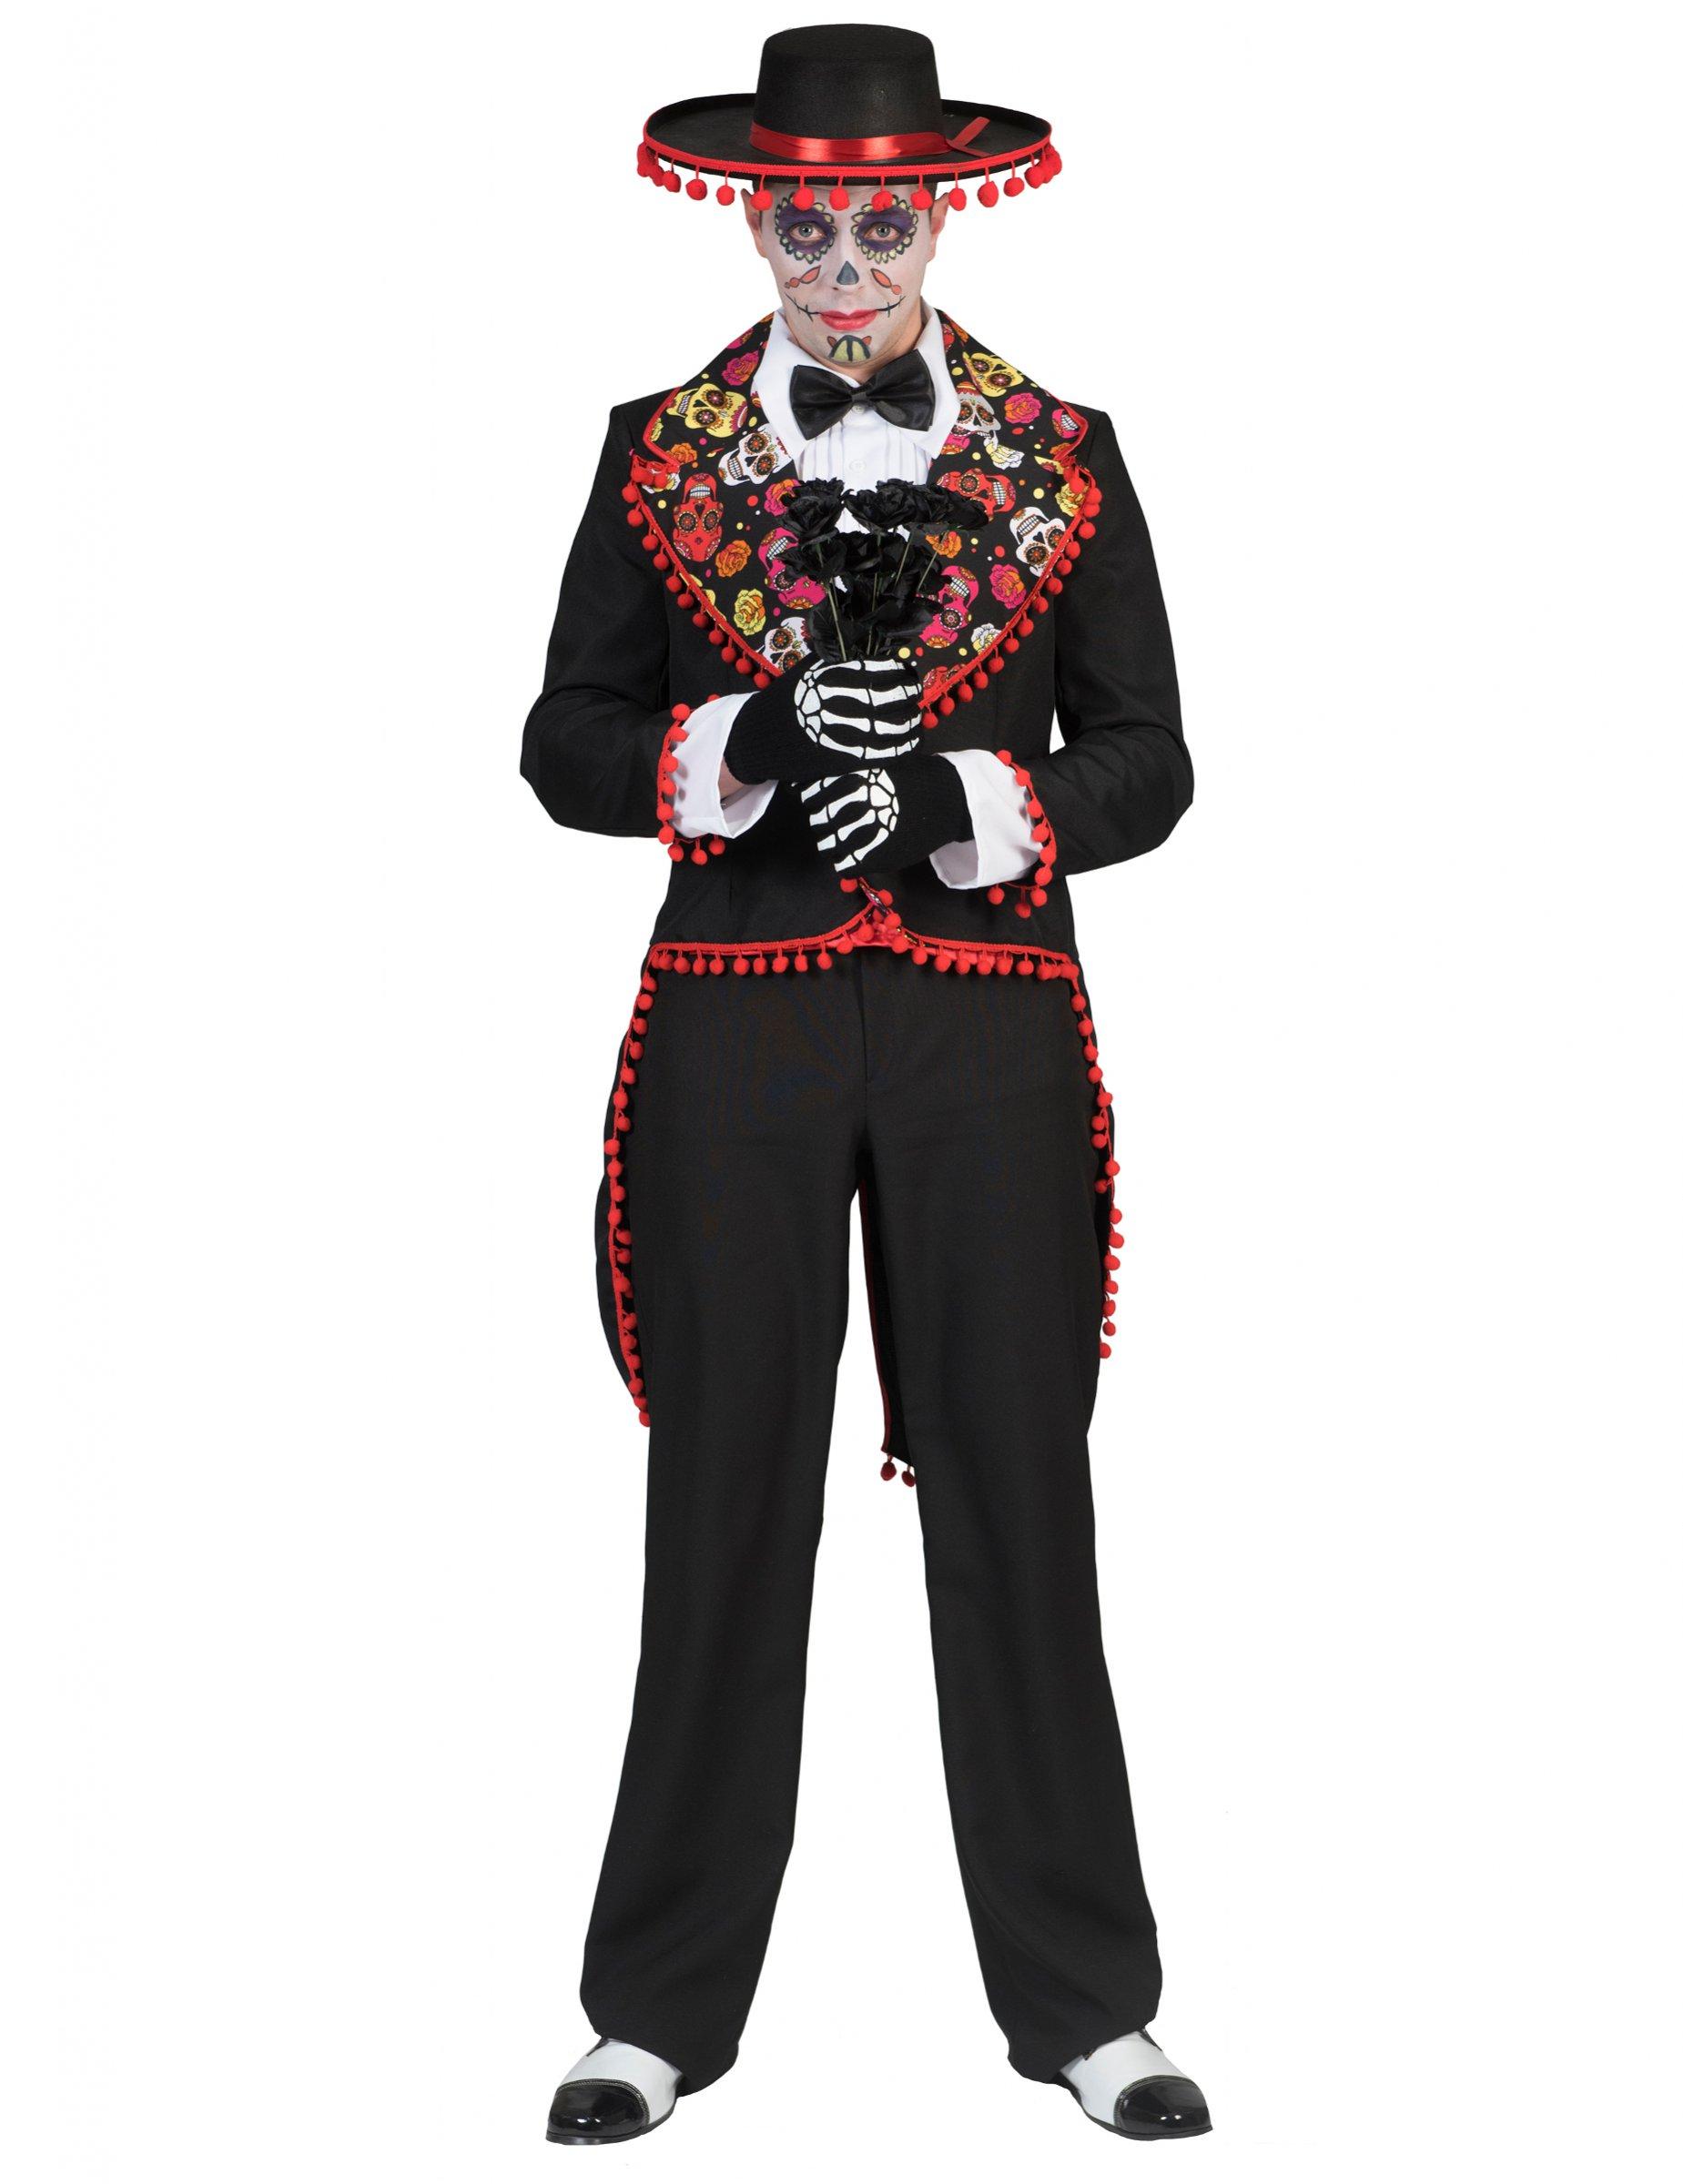 Disfraz mexicano romántico hombre Día de los muertos  Disfraces ... 4d1a11138df